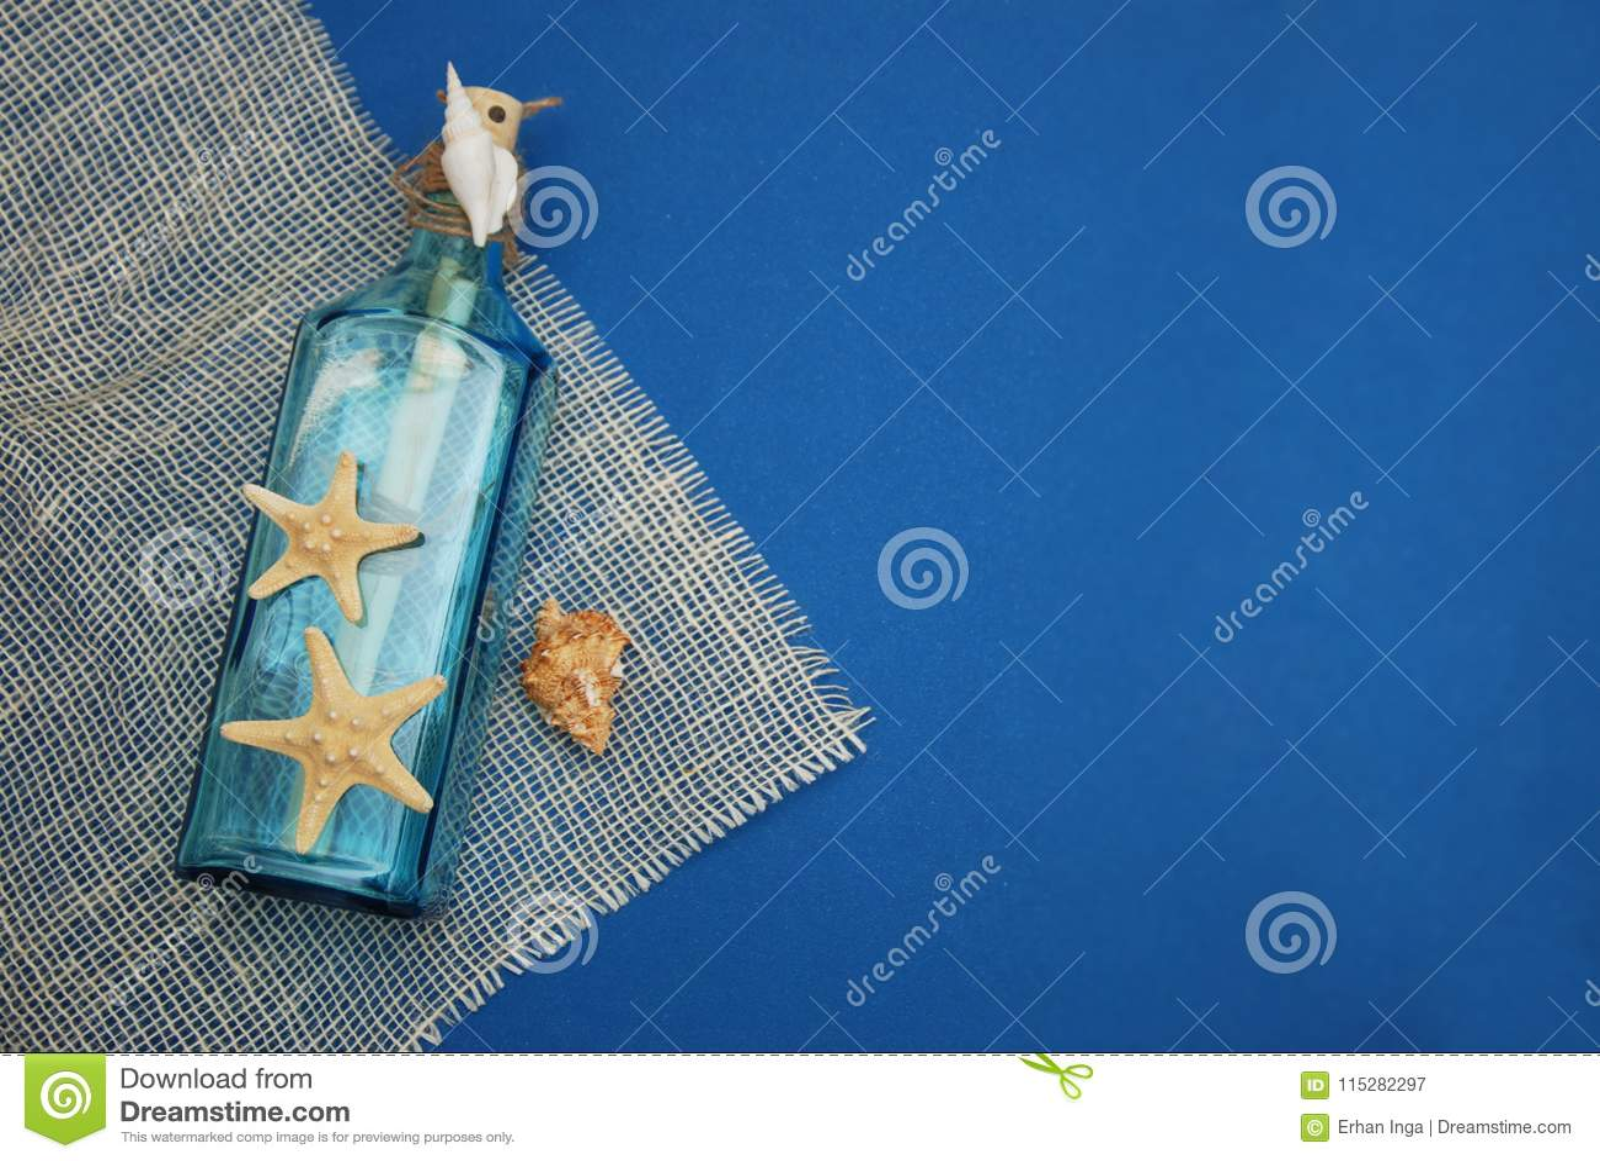 Contexto náutico do tema, garrafa decorativa com shell, estrela do mar no fundo do azul de Depp Copie o espaço Foco seletivo